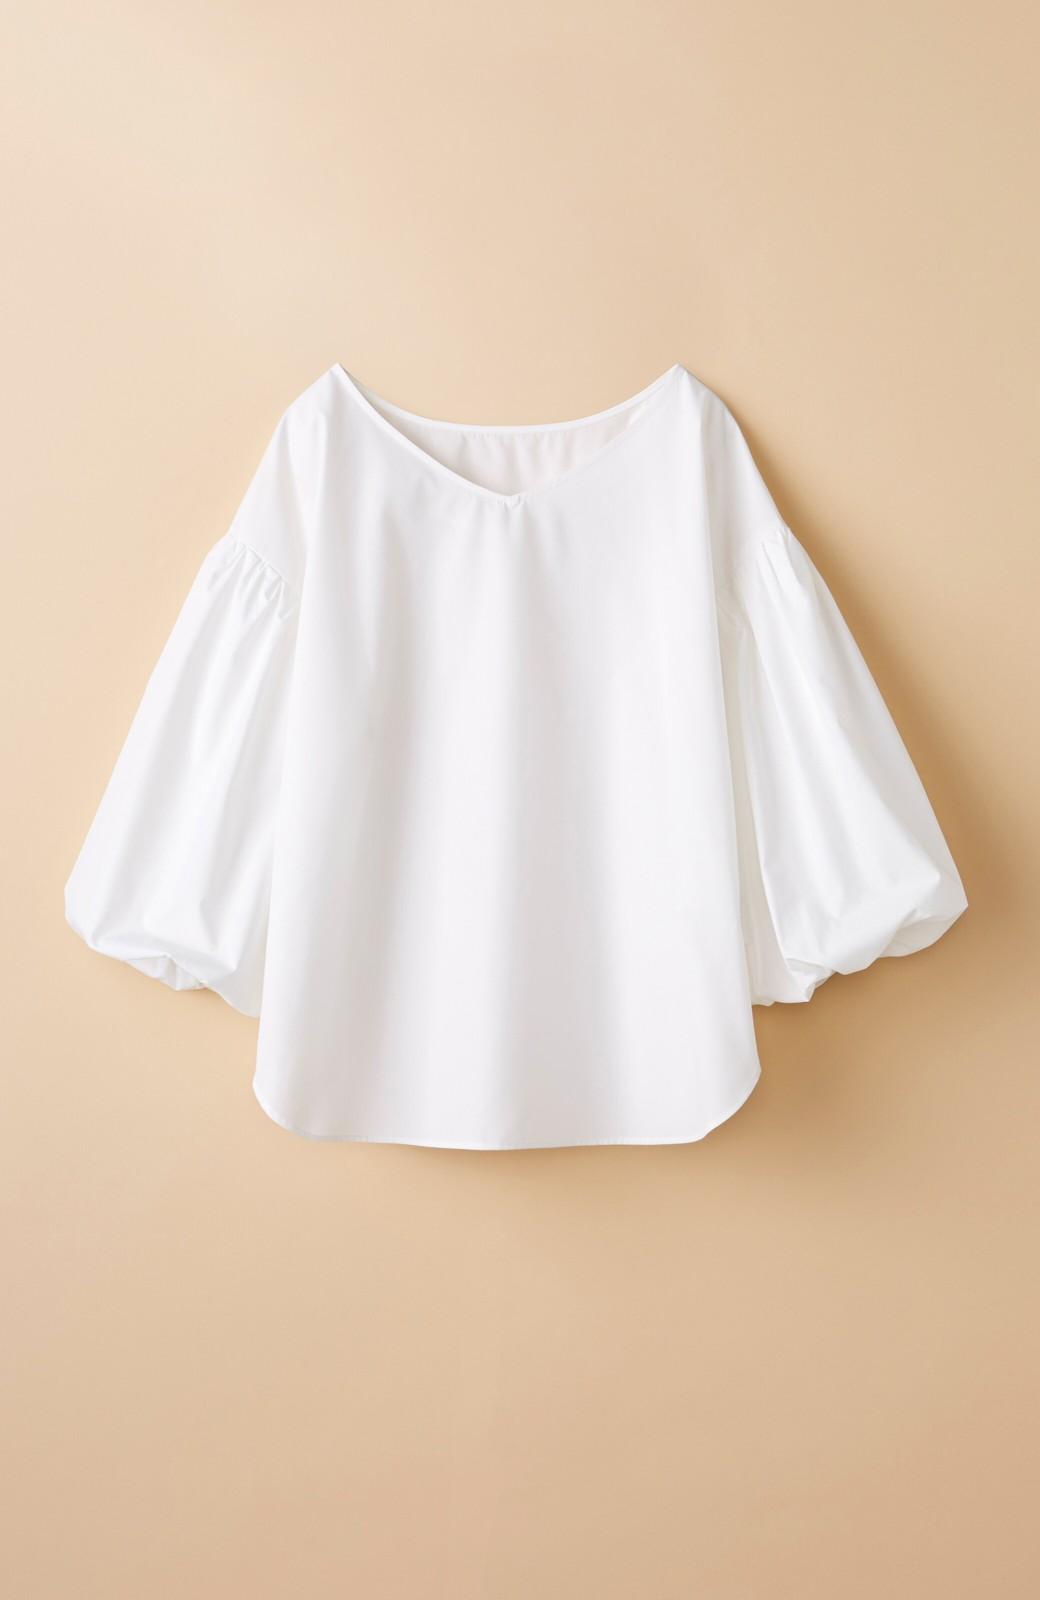 haco! Tシャツのかわりに着たい バルーンスリーブブラウス by que made me <ホワイト>の商品写真1